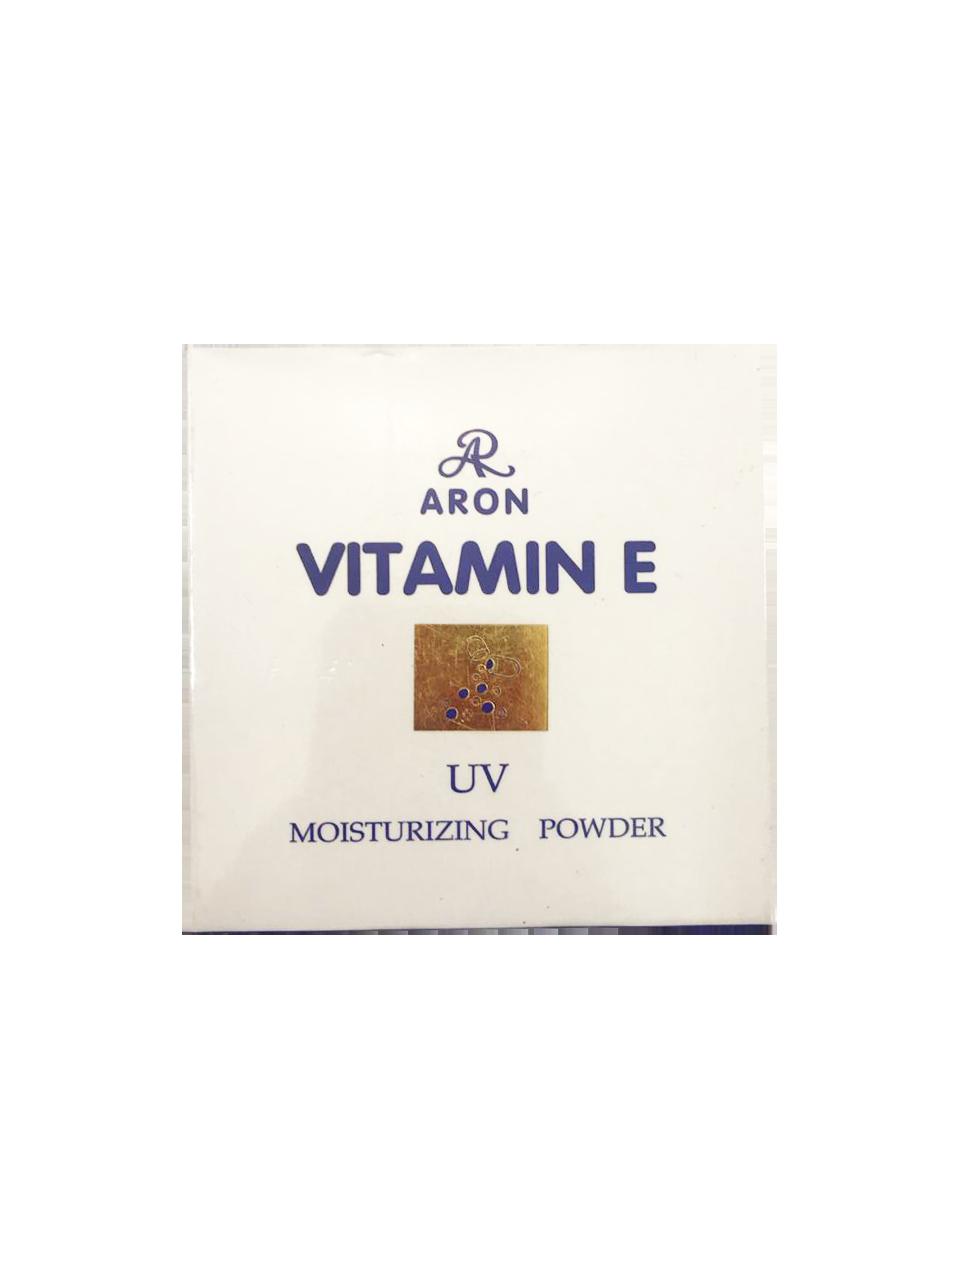 Aron Vitamin E UV Moisturizing Powder No. 1